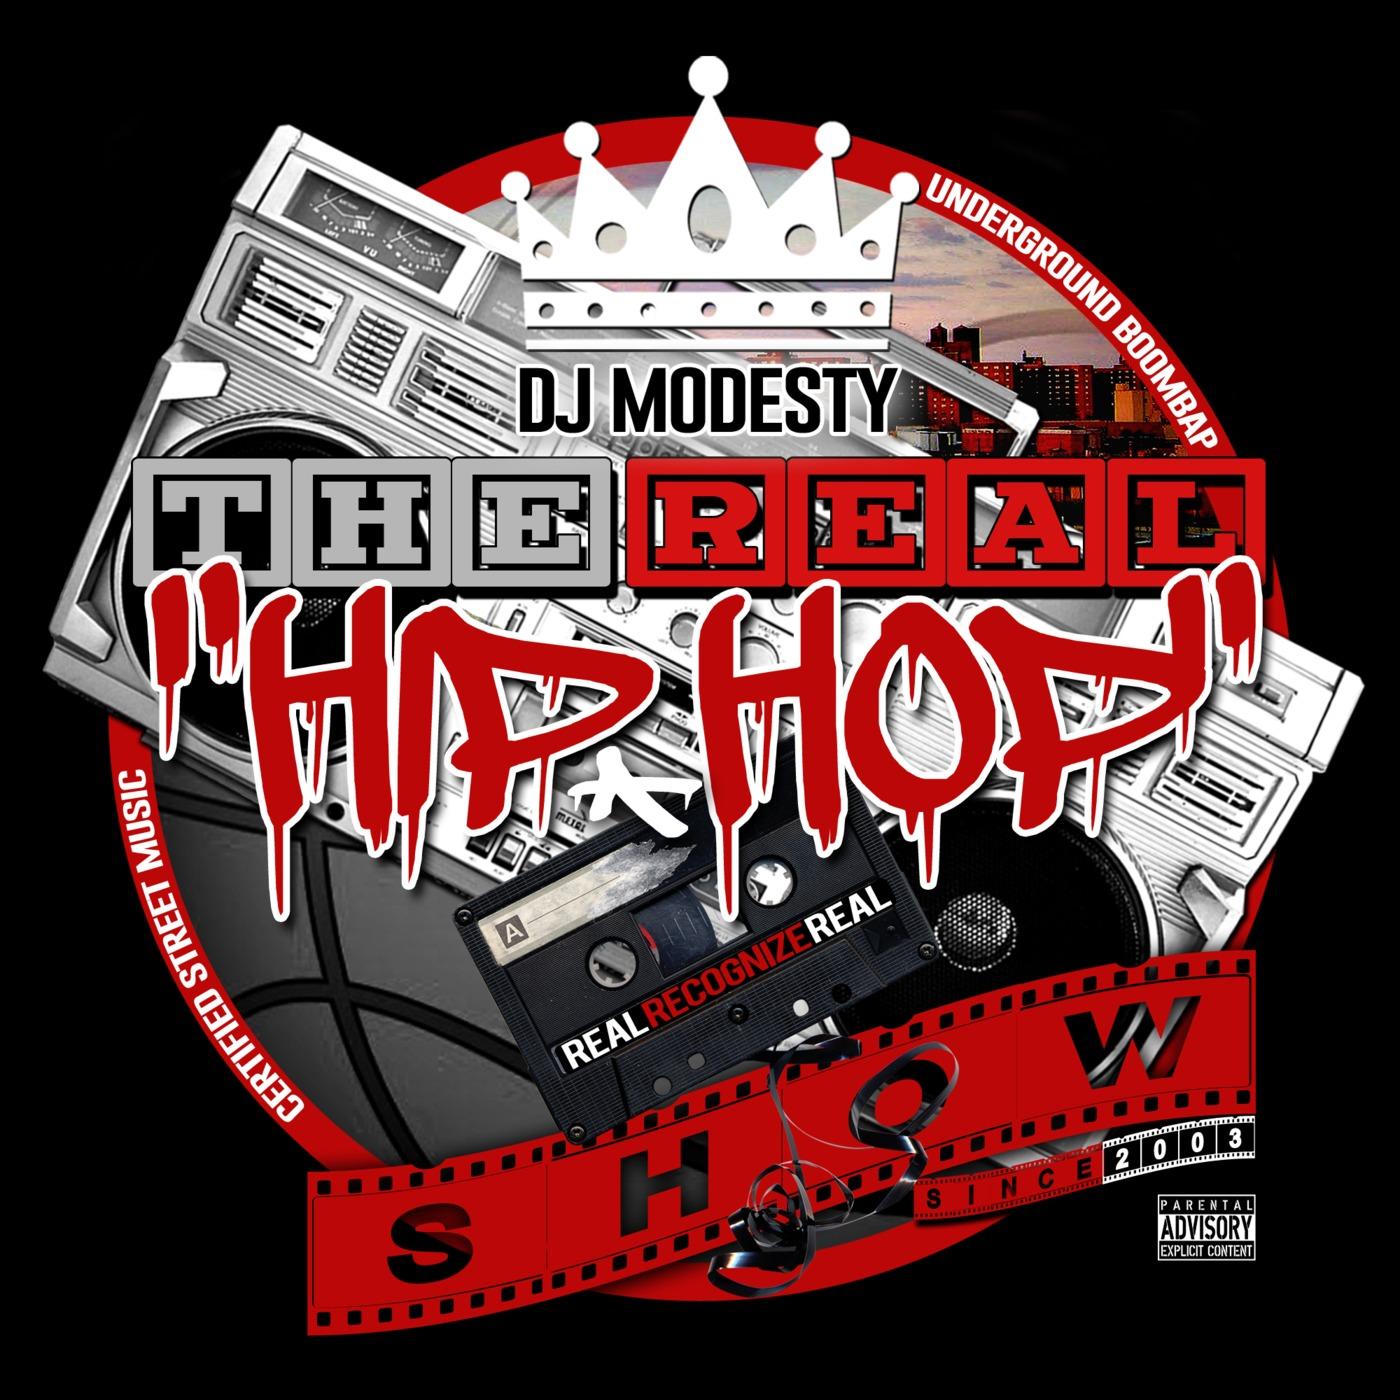 DJ MODESTY - THE REAL HIP HOP SHOW